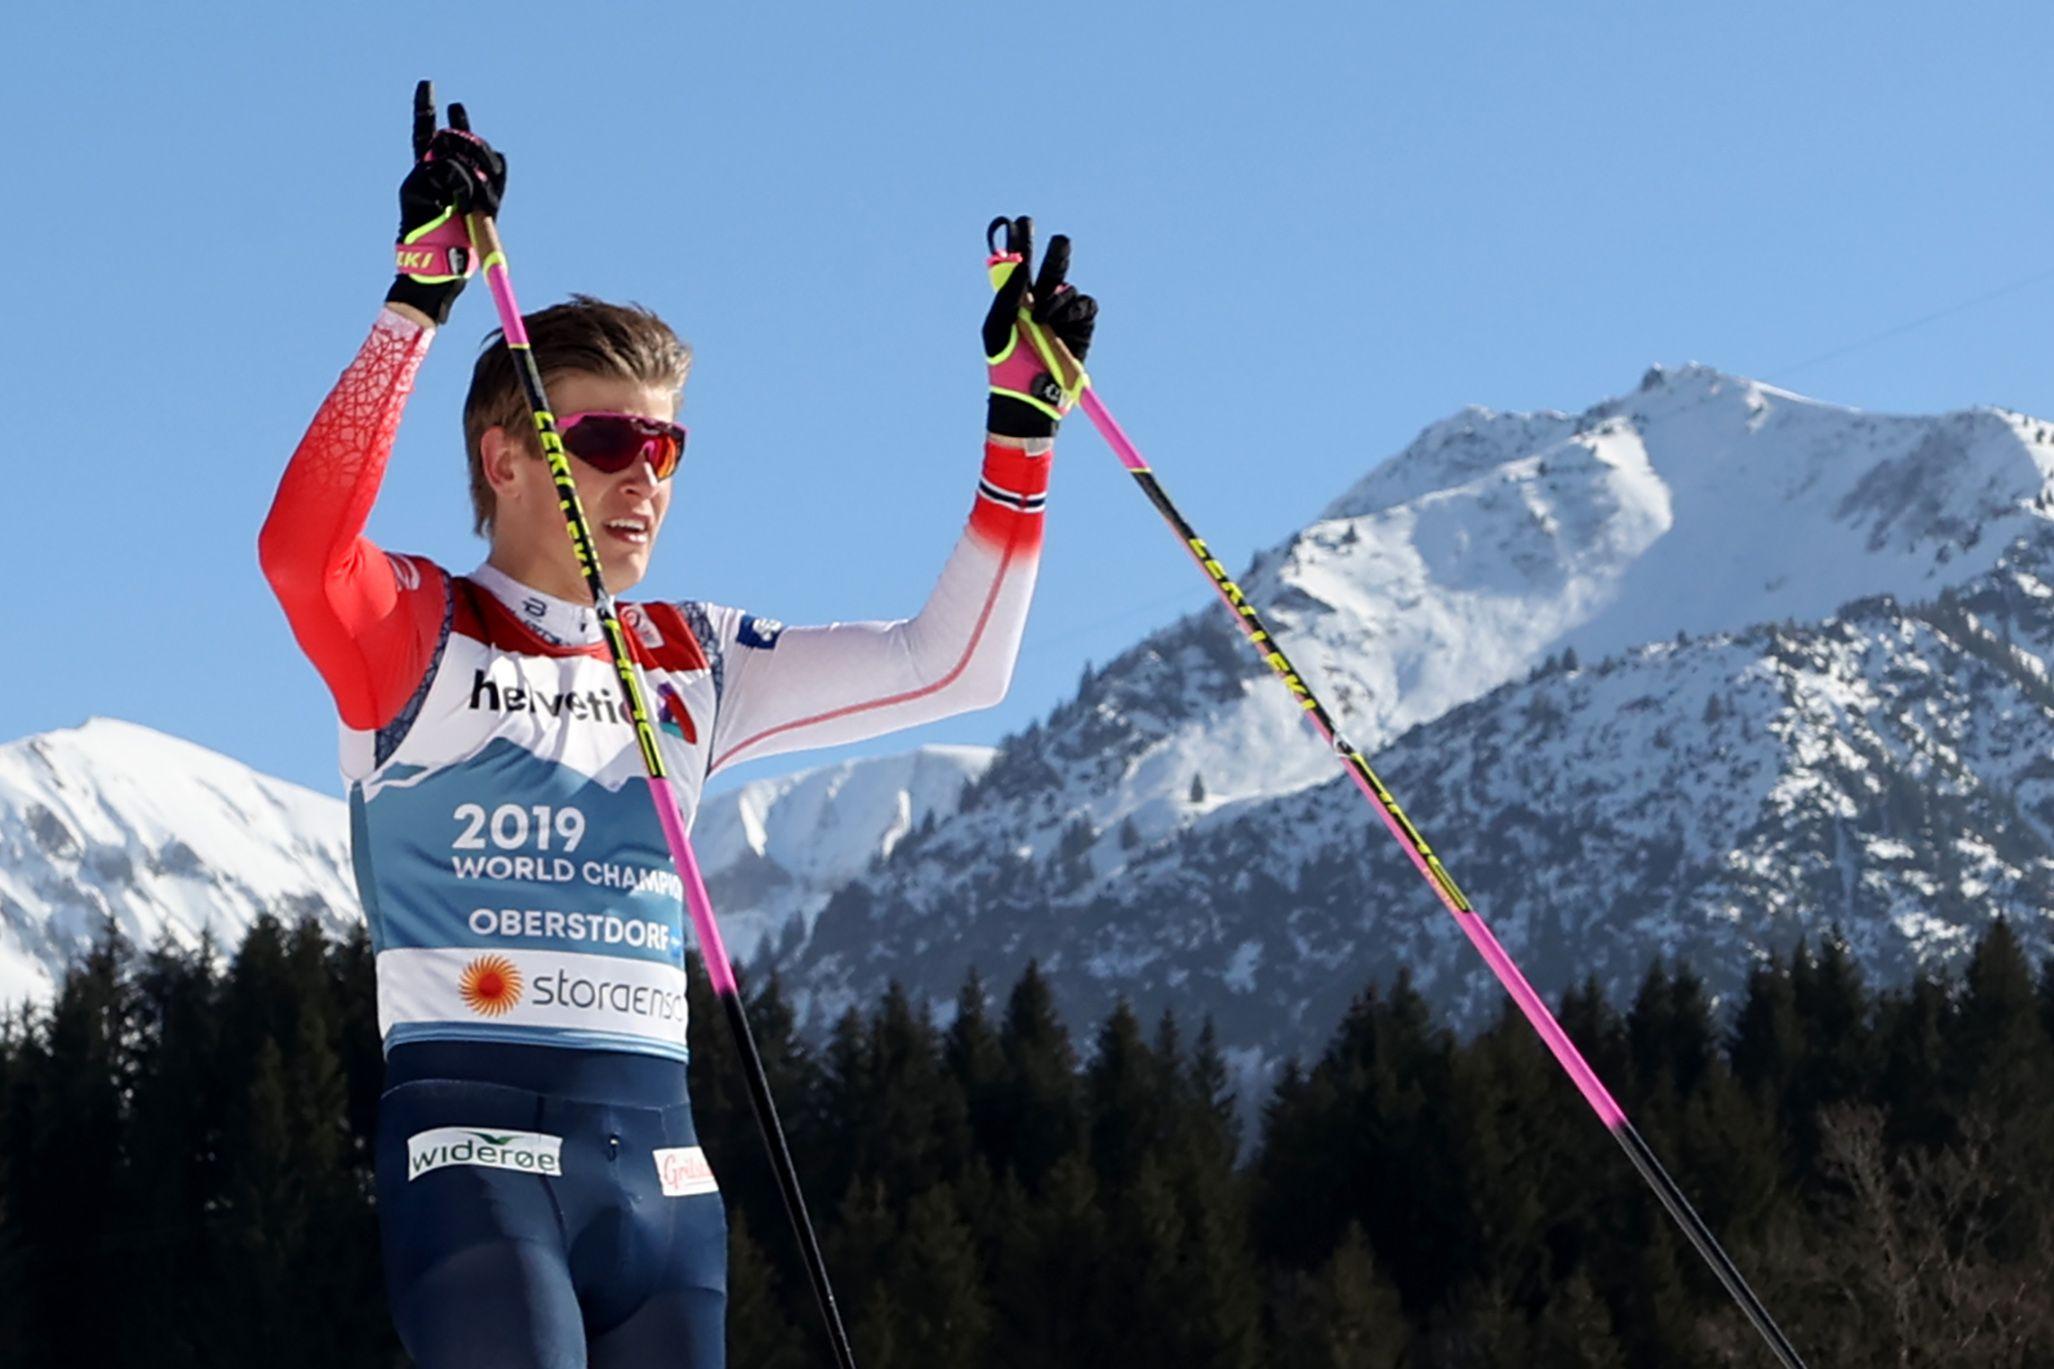 Клебо - о победе в спринте на ЧМ-2021: 'За этой медалью стоит столько лишений'